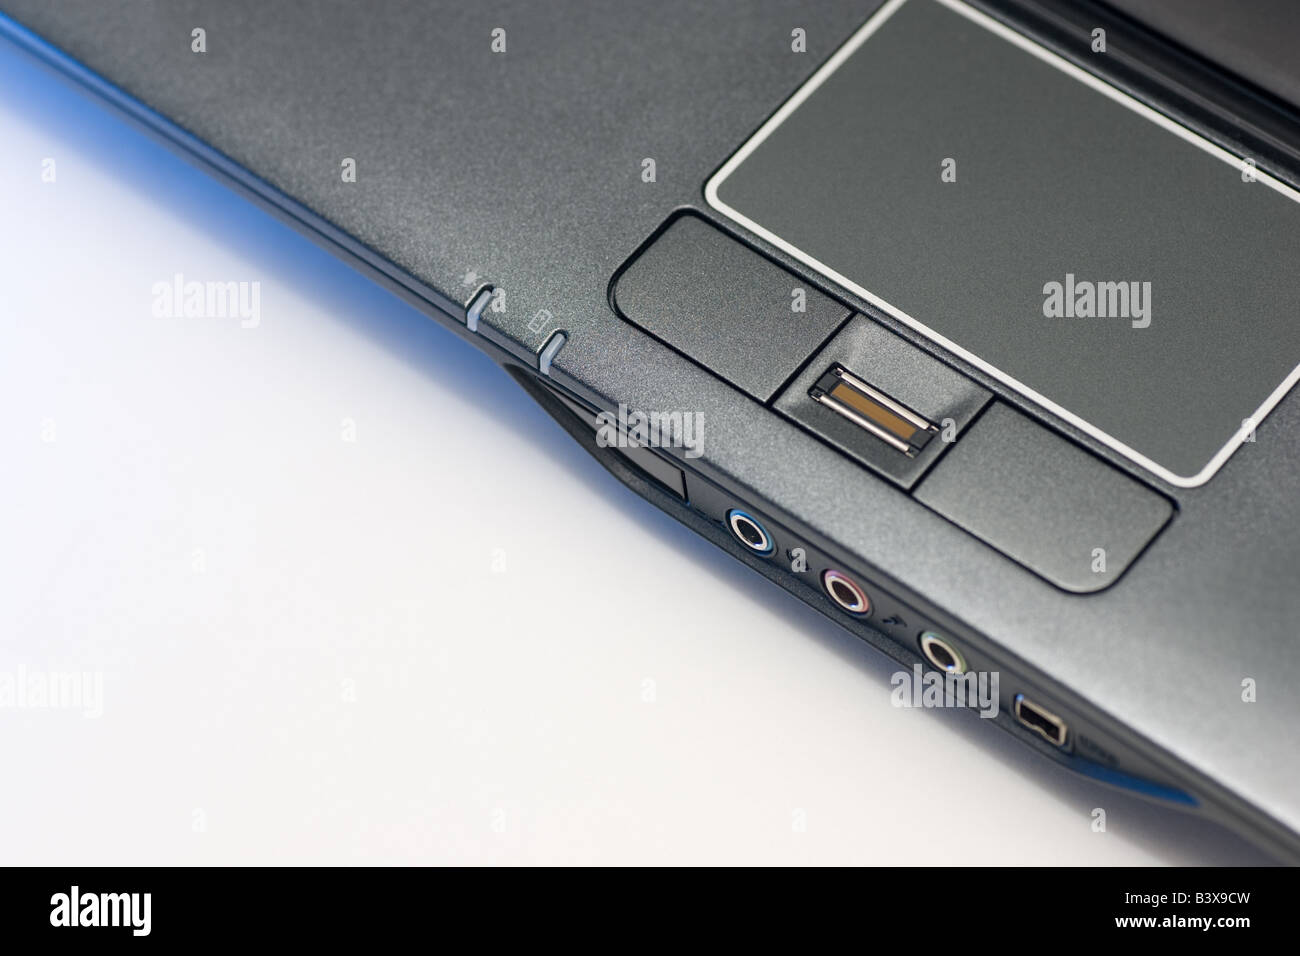 Pavé tactile d'un ordinateur portable avec lecteur d'empreintes digitales. Photo Stock